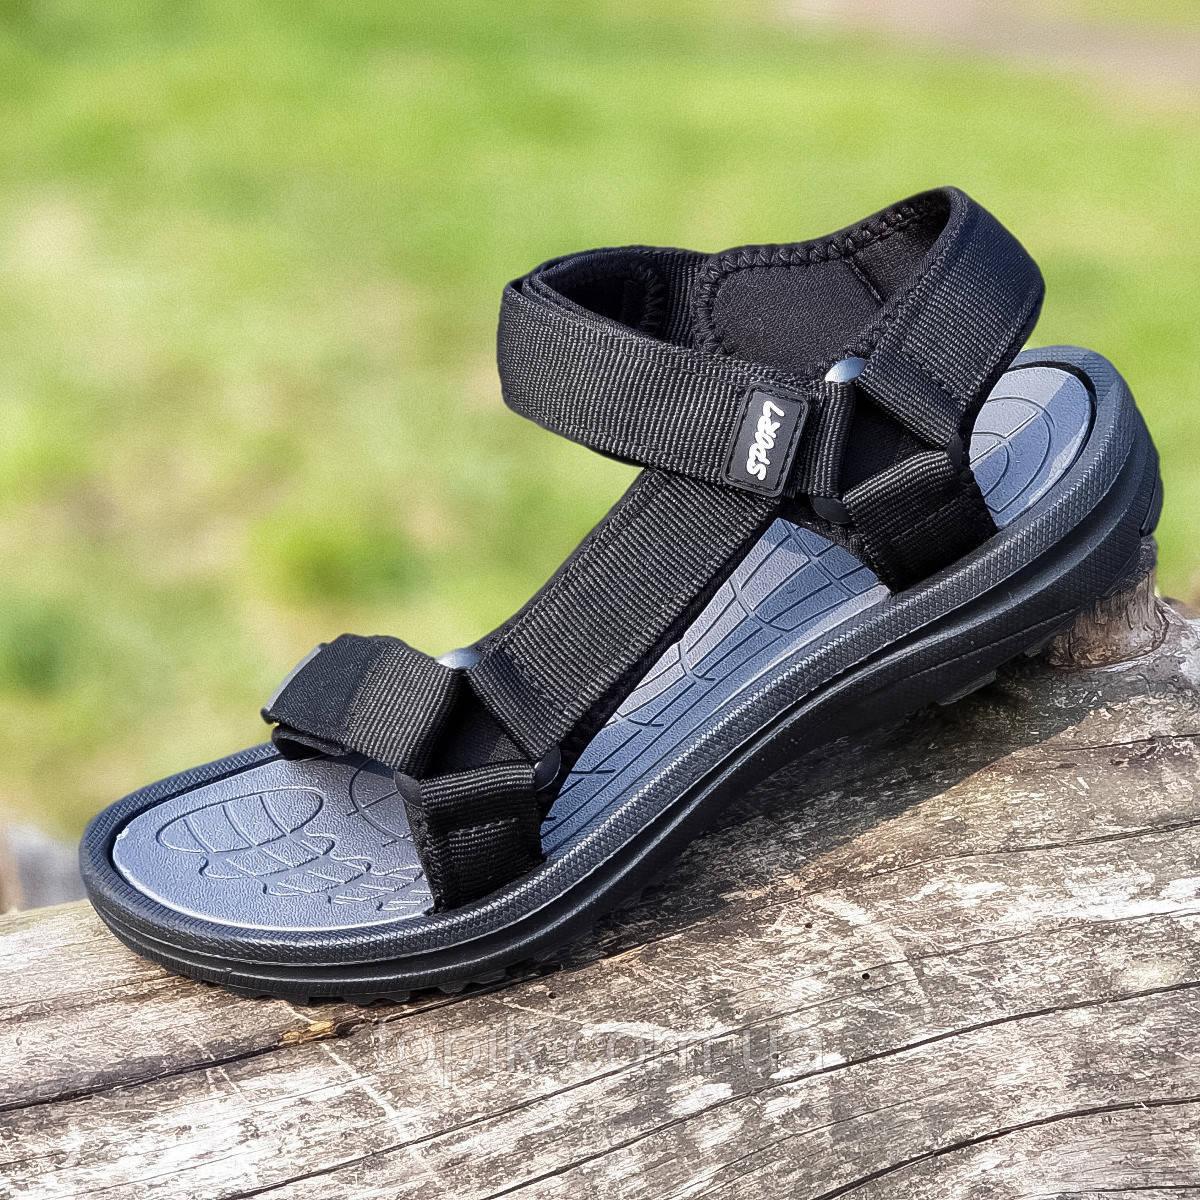 Босоножки сандалии мужские черные на липучках (Код: 1444)